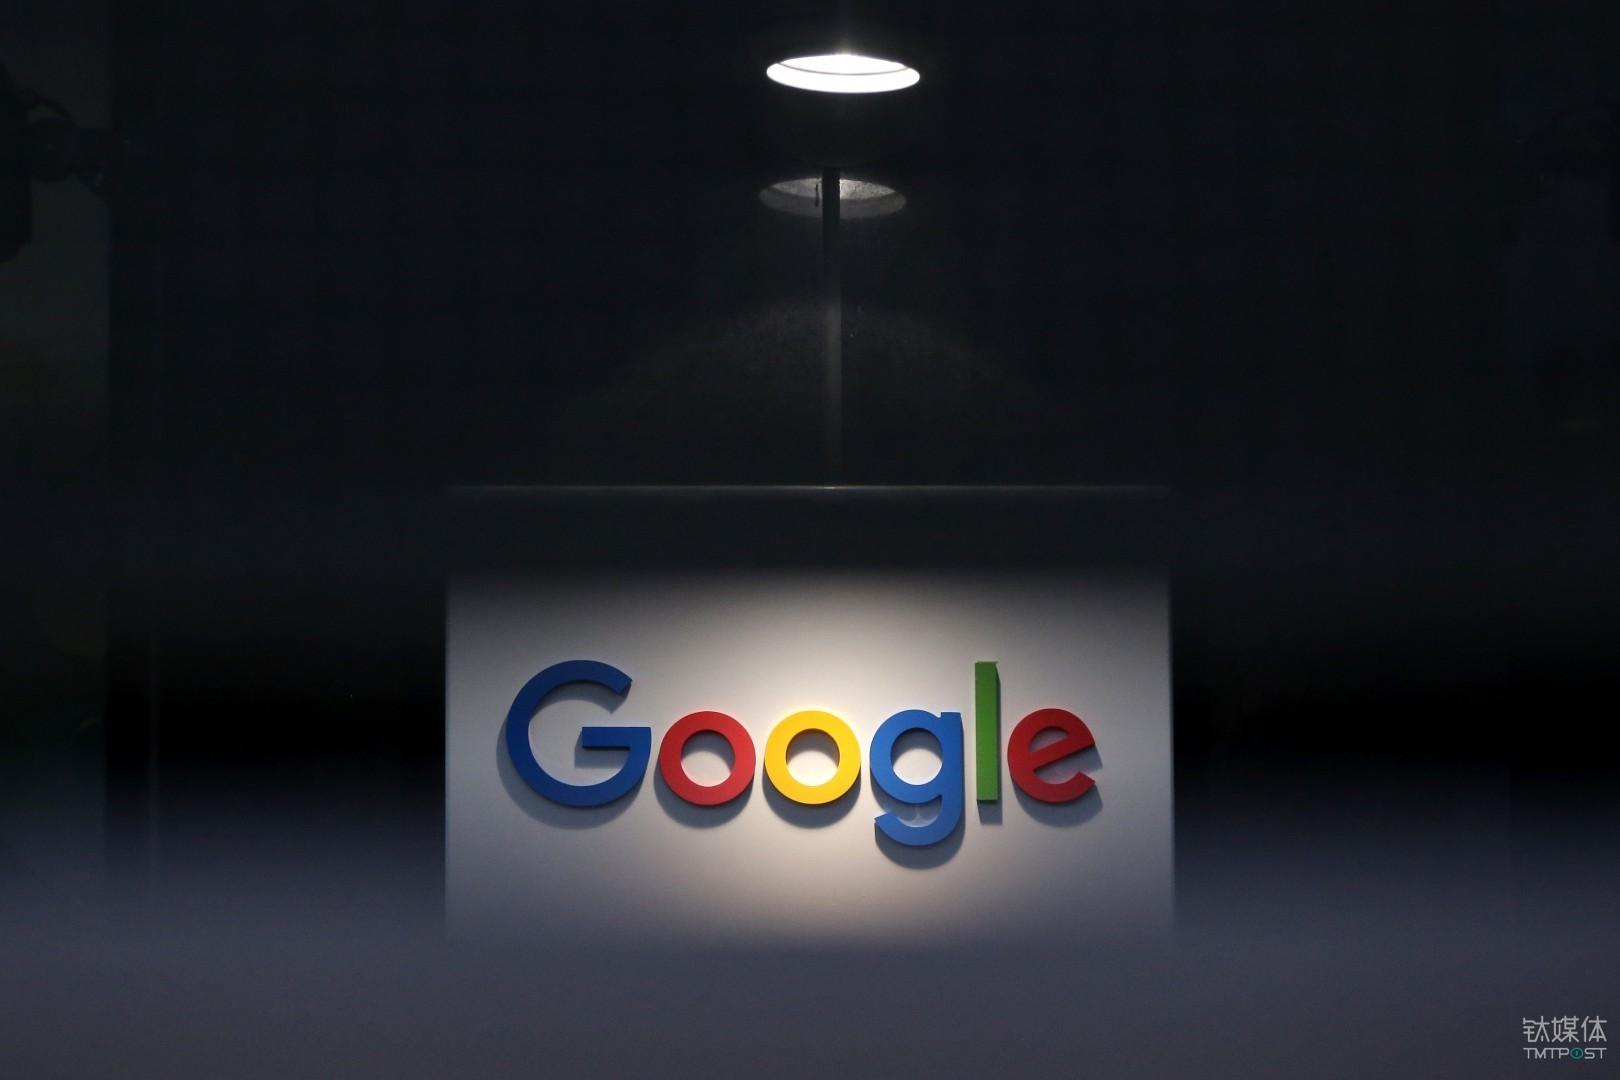 Google 的硬件公司收购案例笼罩上了持续的失败阴影